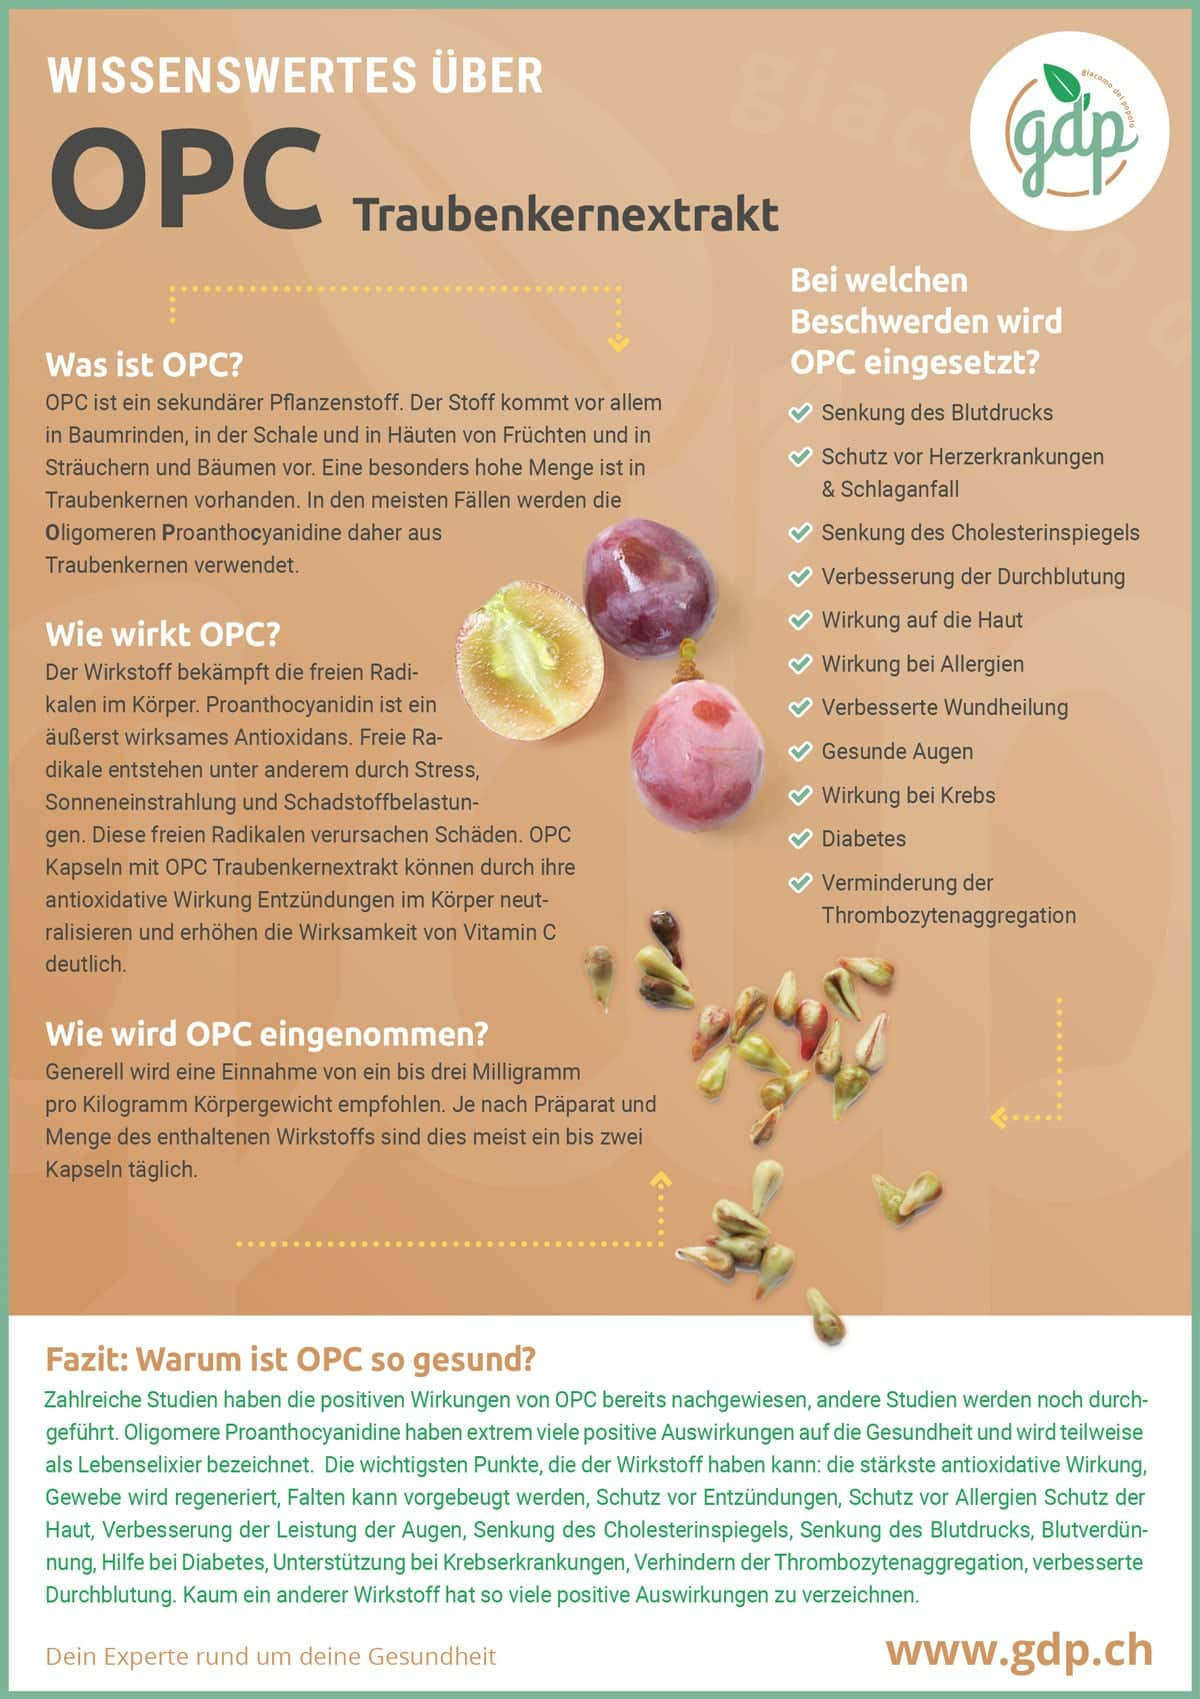 OPC Infografik